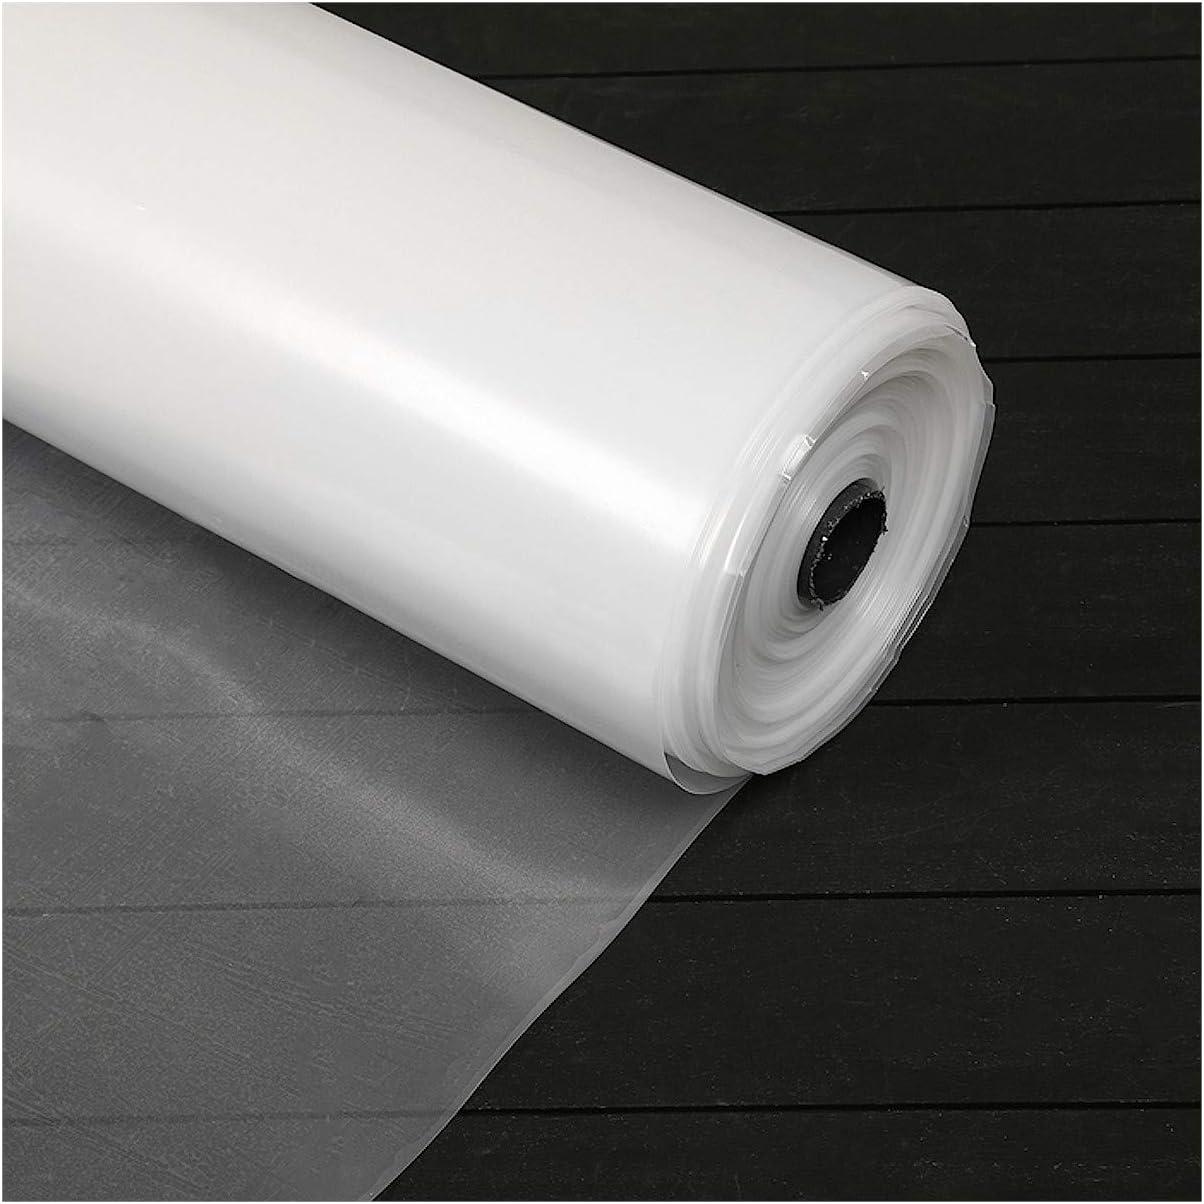 30m/² strapazierf/ähige /& rei/ßfeste Folie zum Schutz gegen Wind und Feuchtigkeit